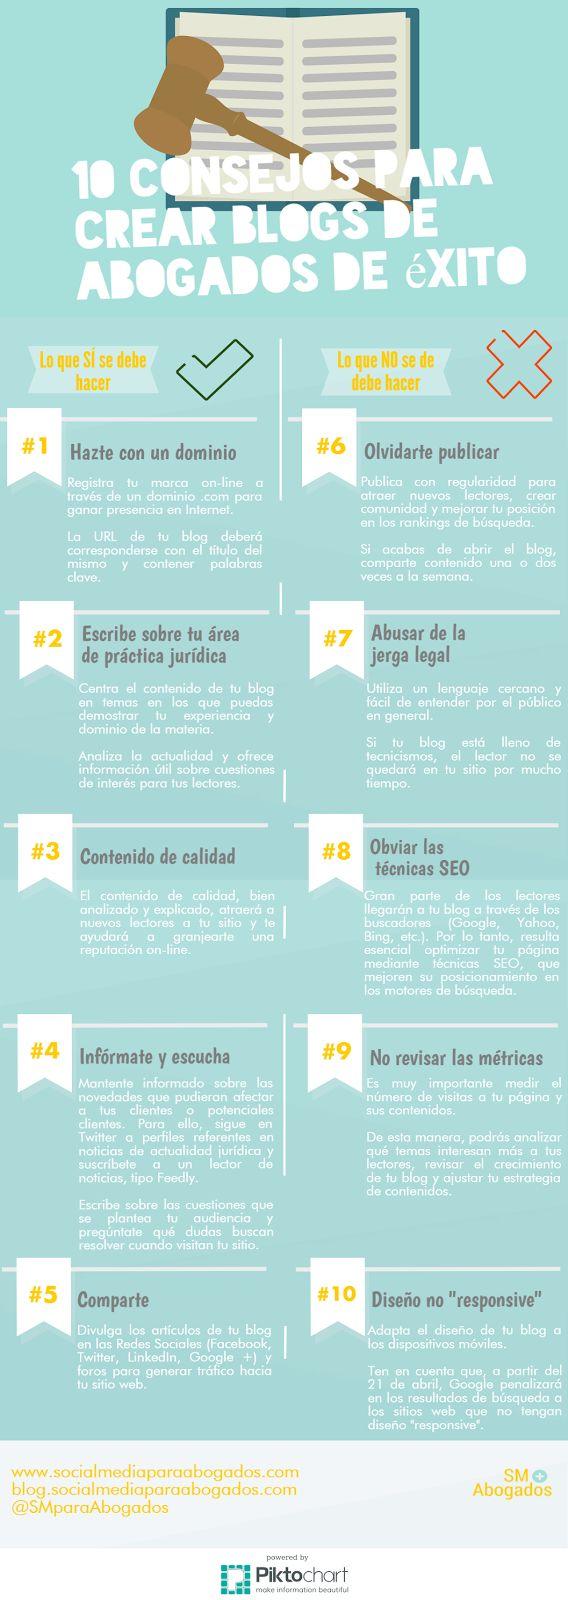 10 consejos para crear un blog de éxito para abogados #infografia #infographic #socialmedia